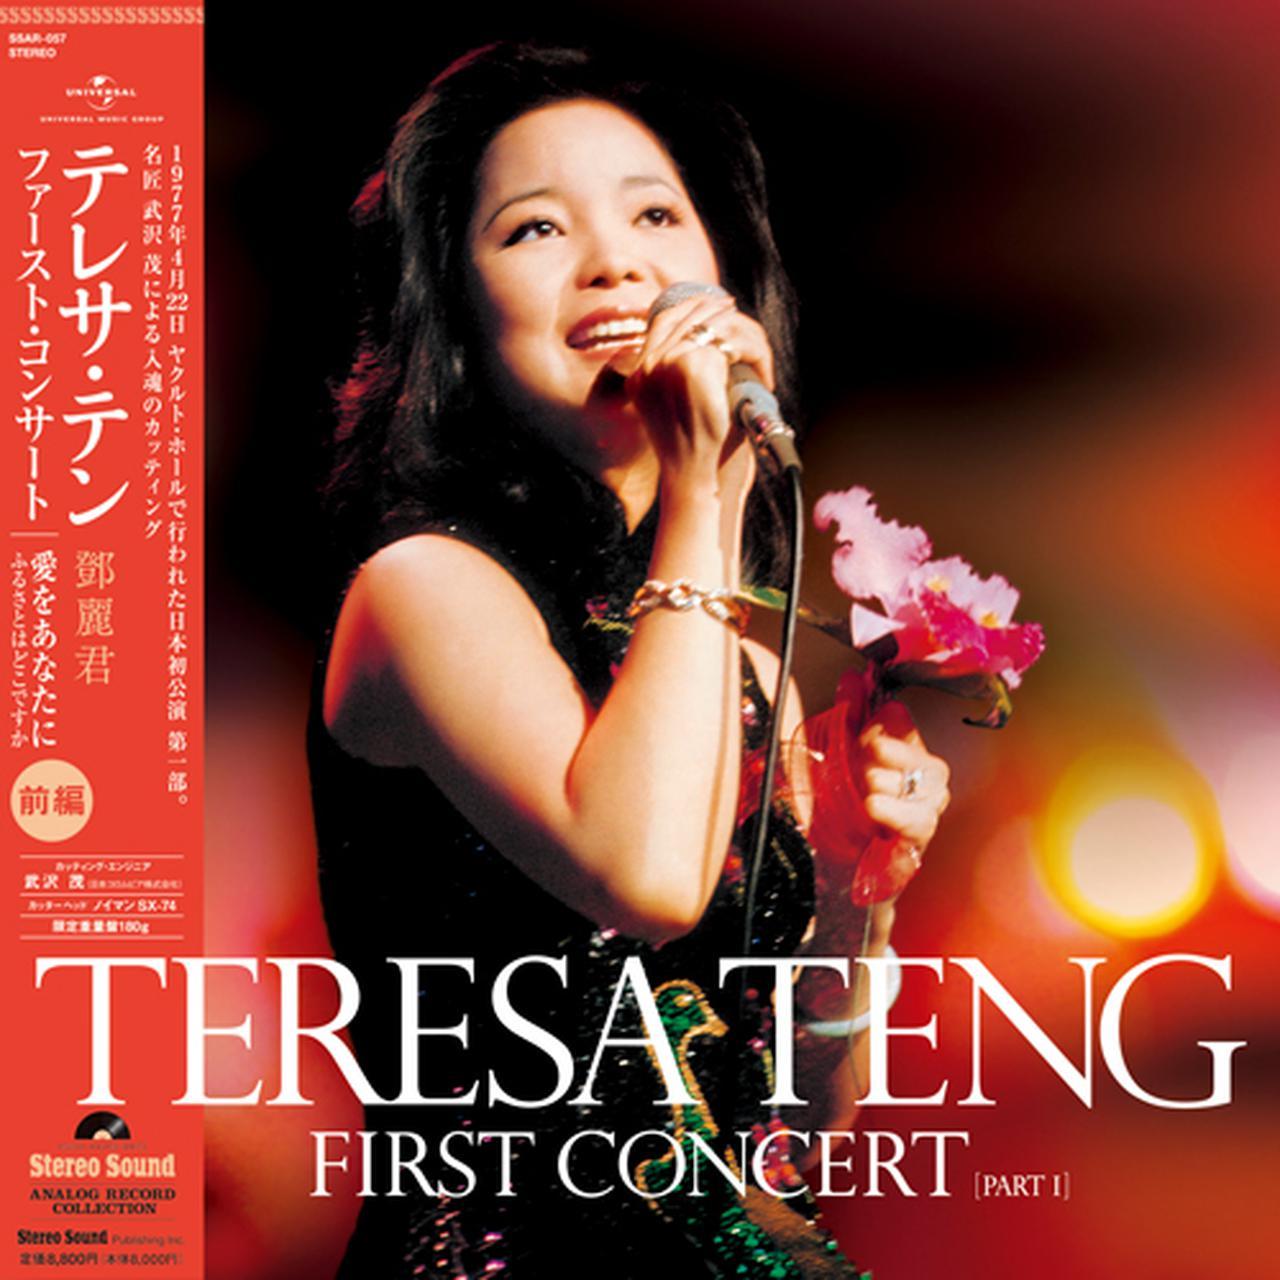 画像: テレサ・テン ファーストコンサート 前編(LP)SSAR-057 ※予約商品・8月31日頃より順次発送予定